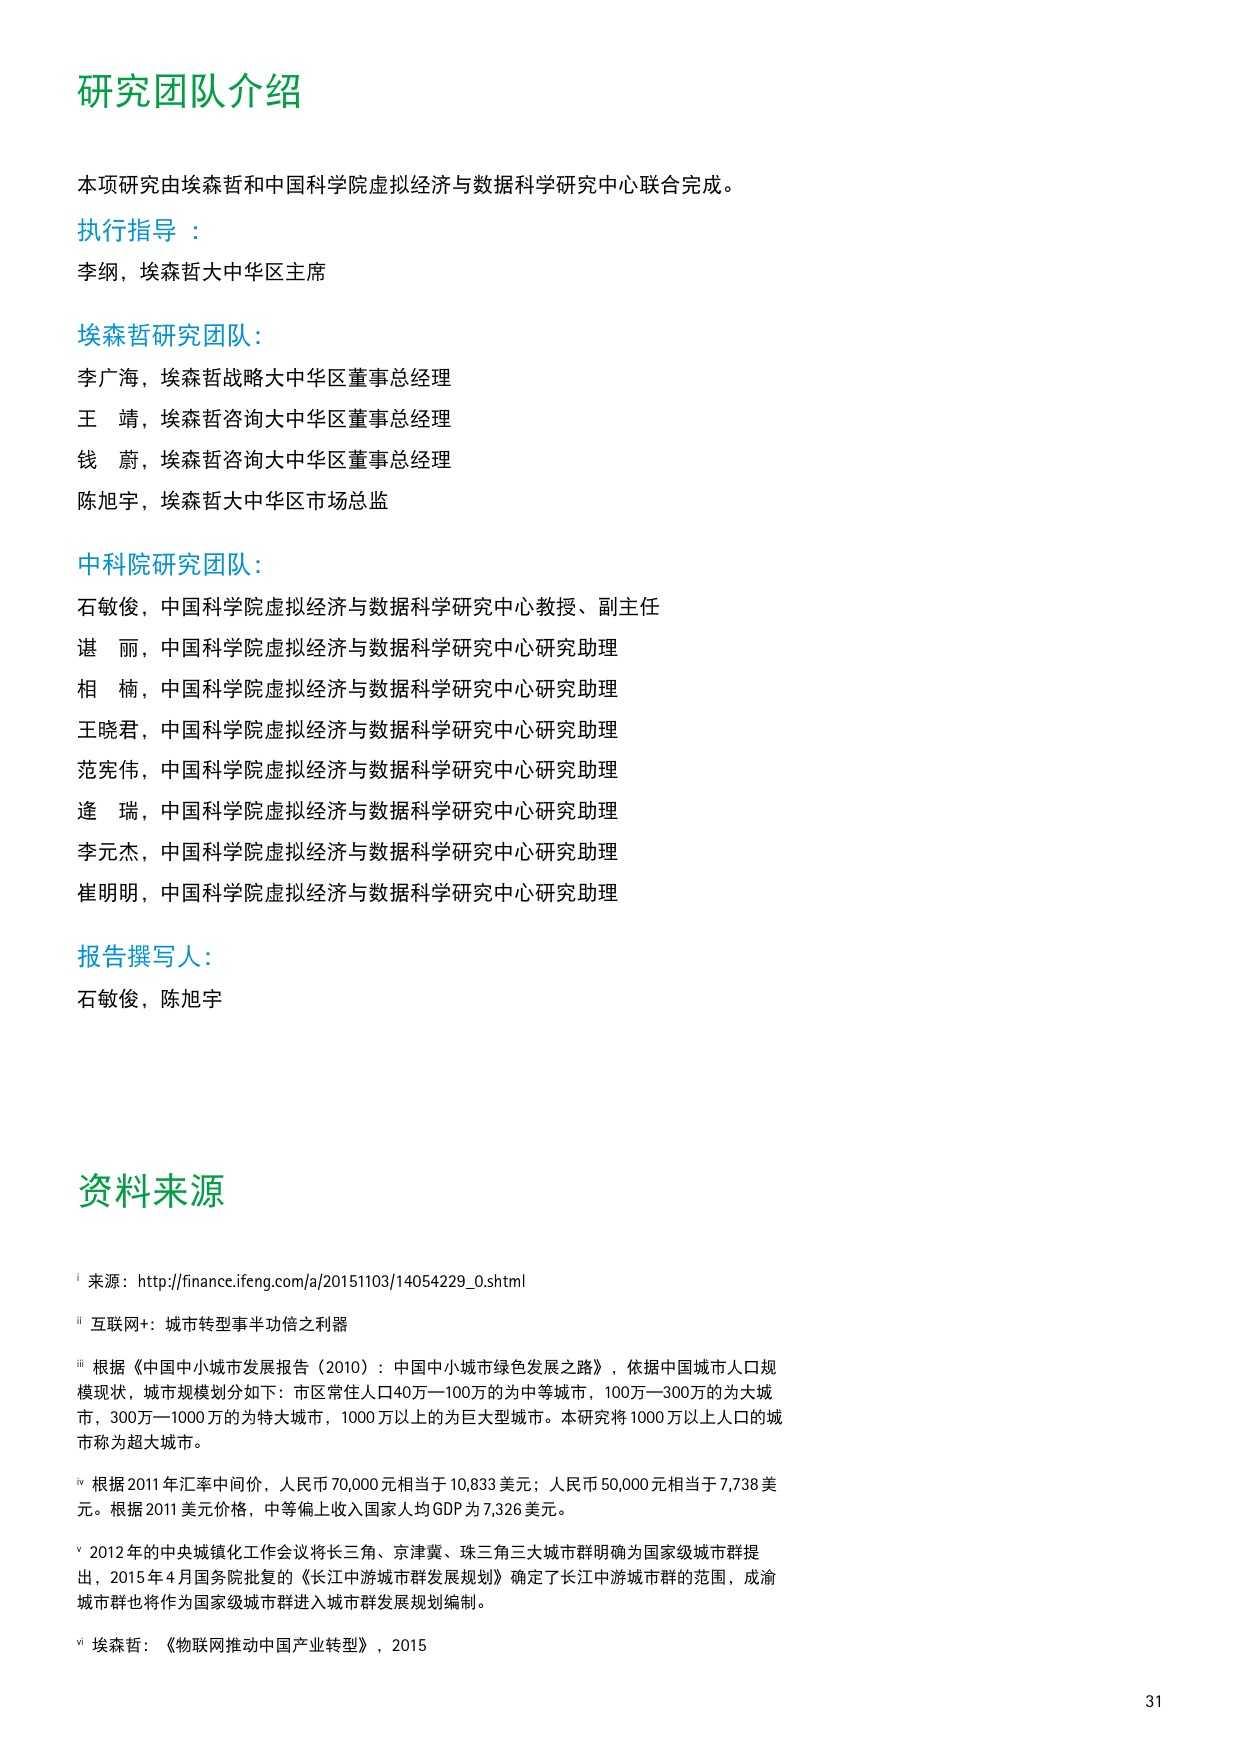 埃森哲&中科院:2015年新资源经济城市指数_000031